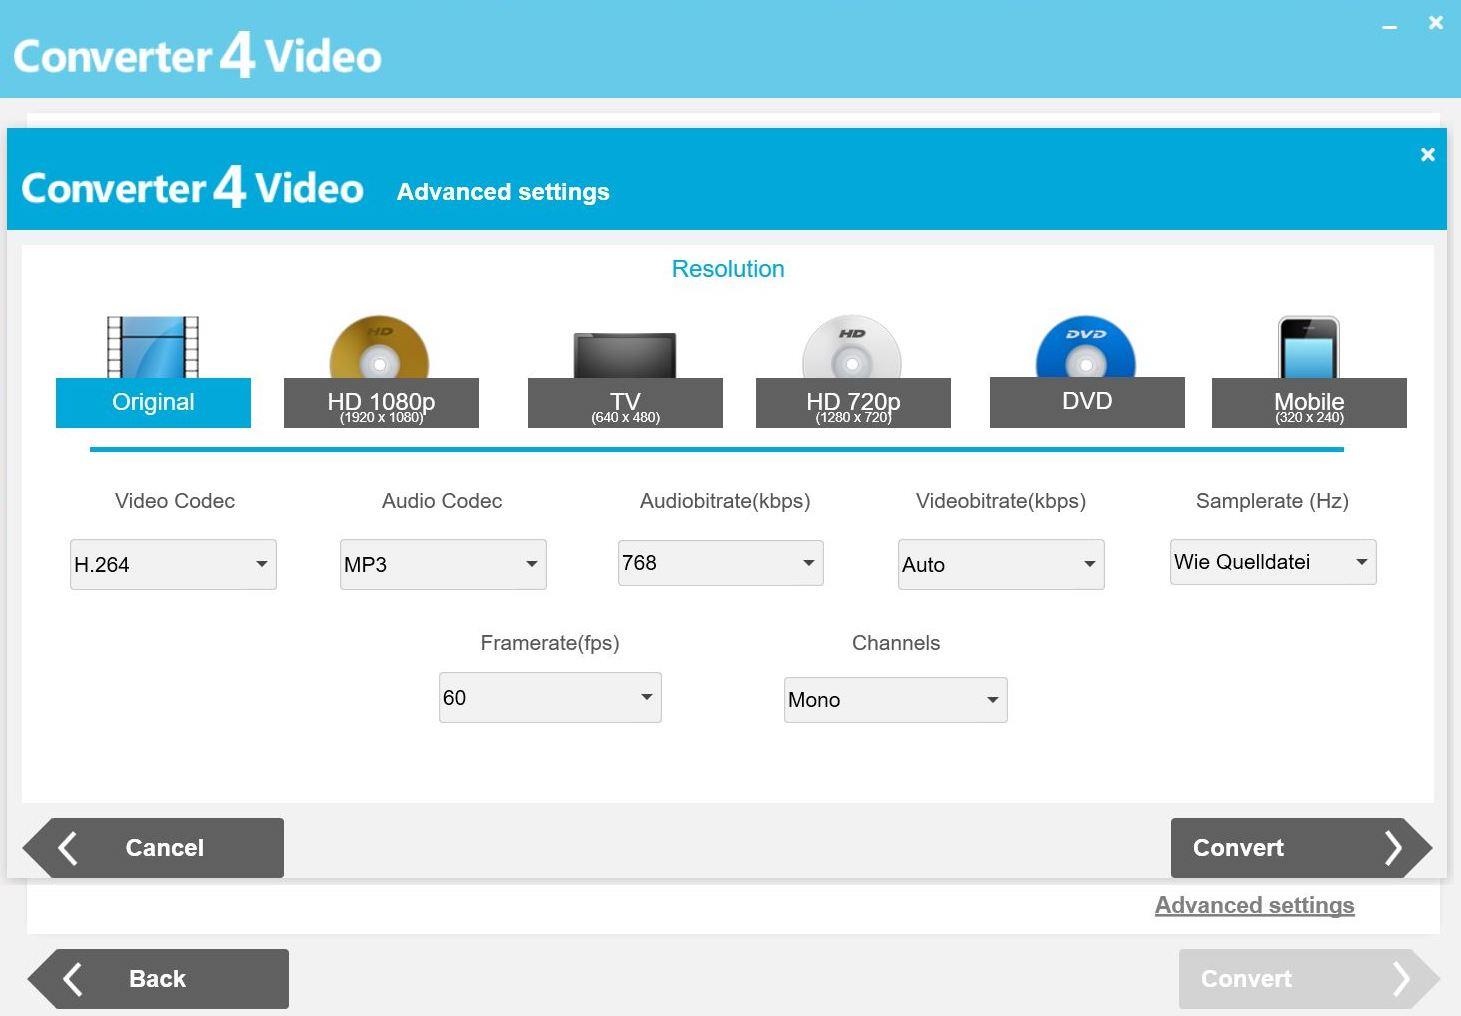 Do detailu: Veškeré parametry je možné v případě potřeby libovolně konfigurovat, po volbě výstupního formátu je na výběr několik přednastavených úrovní kvality nebo tlačítko »Advanced settings«. Jeho prostřednictvím se přistupuje k pokročilým nastavením výstupu včetně rozlišení, snímkové frekvence a audio/video bit rate.